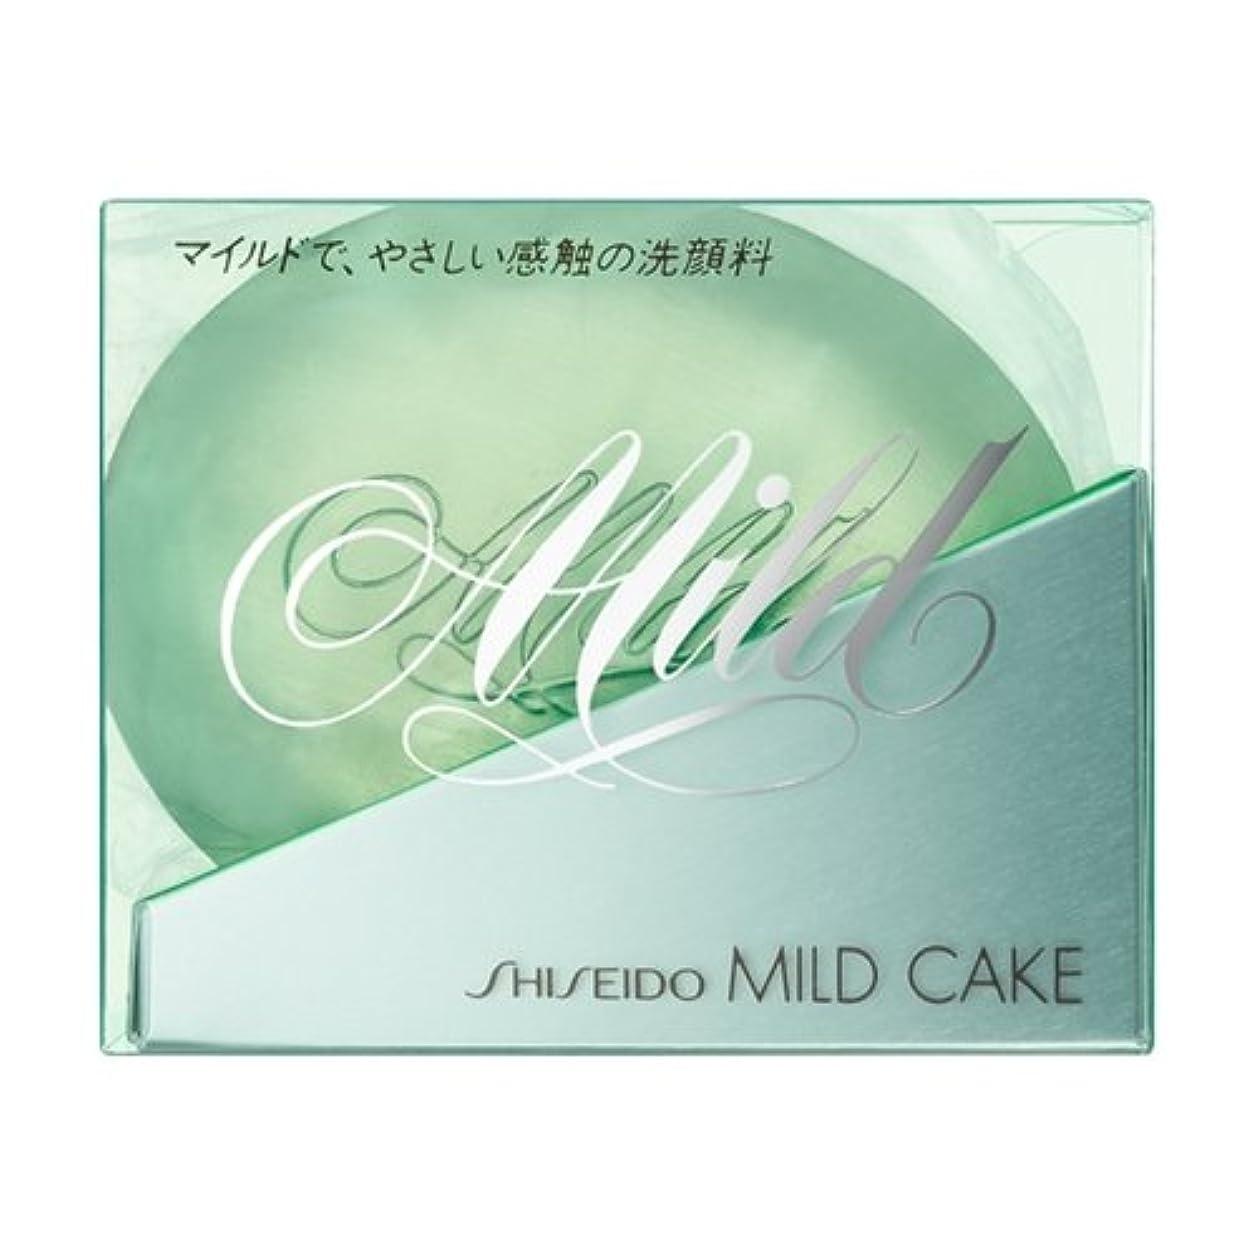 資生堂 マイルドケーキ